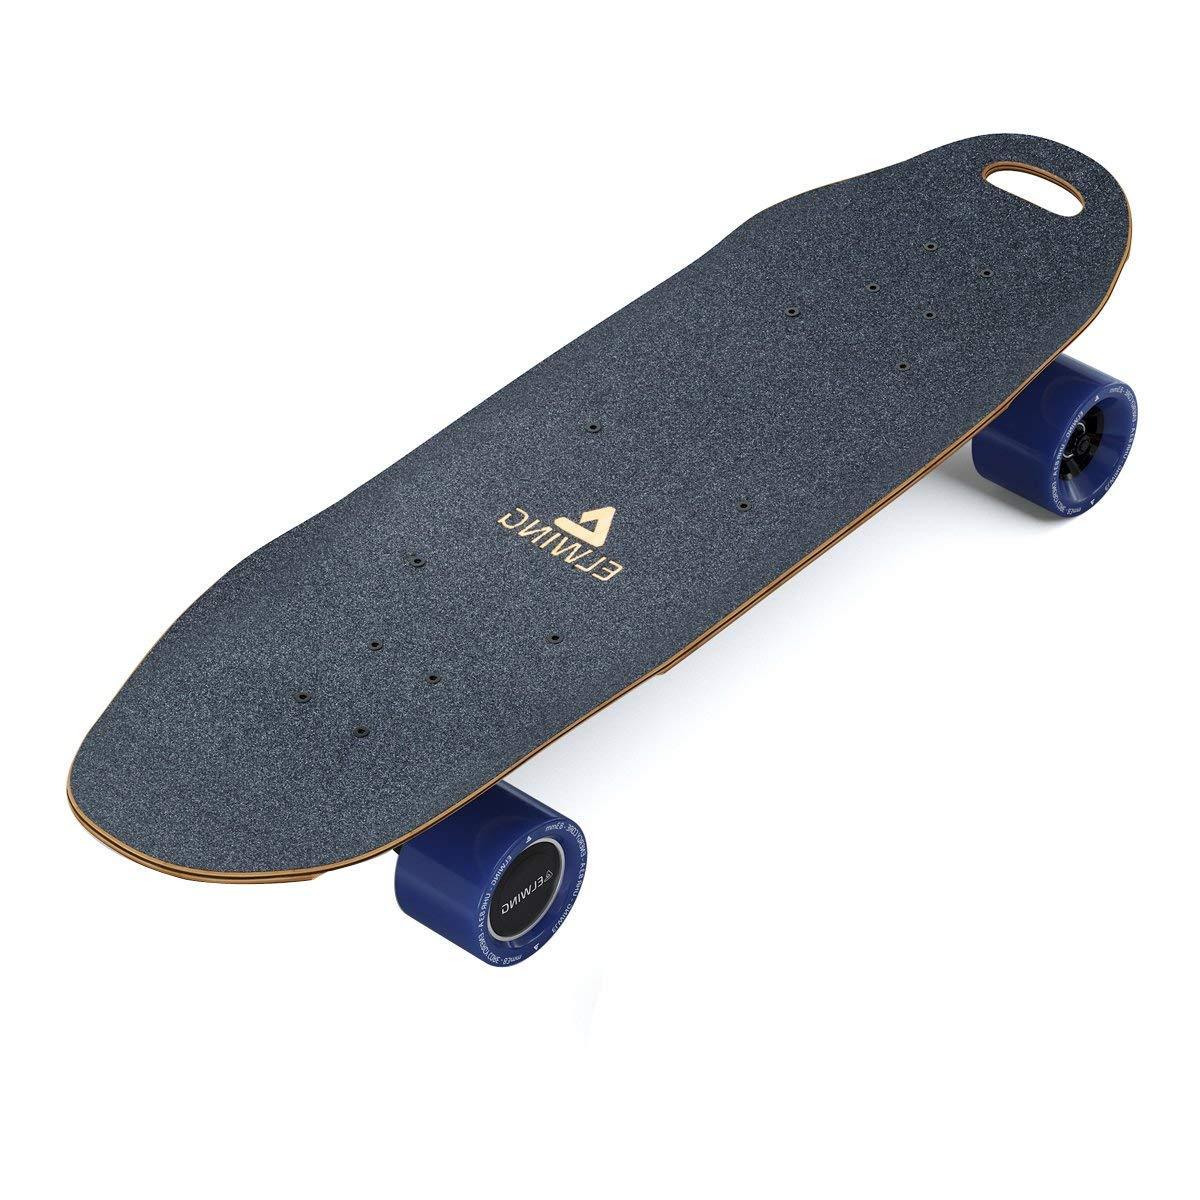 Skateboard électrique : comparatif des meilleurs et guide d'achat